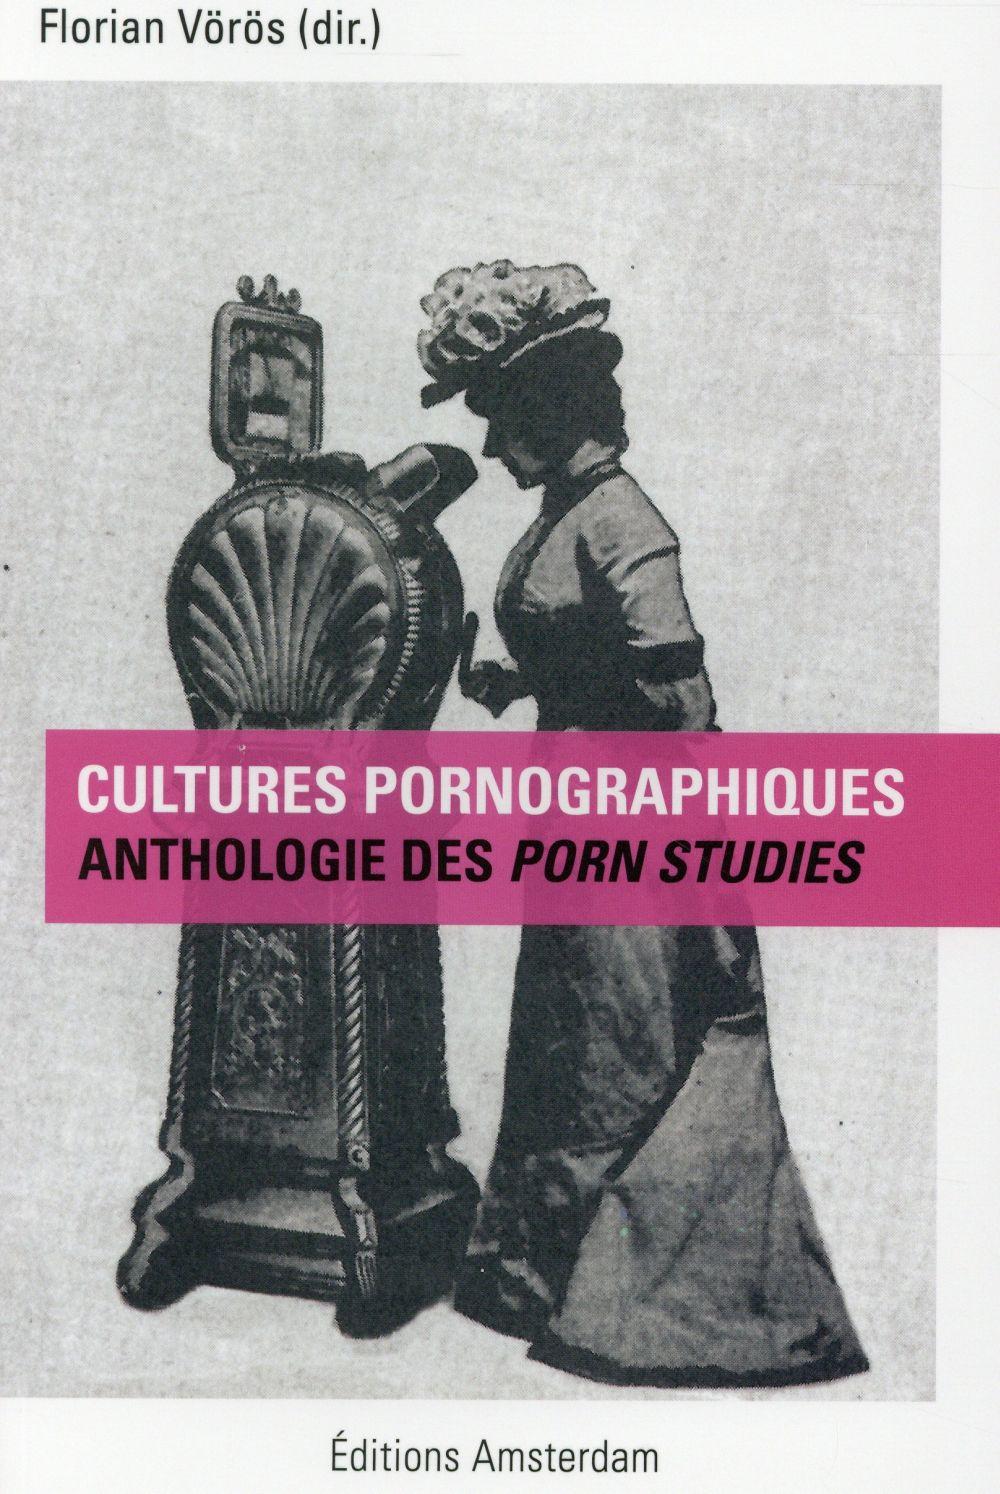 Cultures pornographiques ; anthologie des porn studies